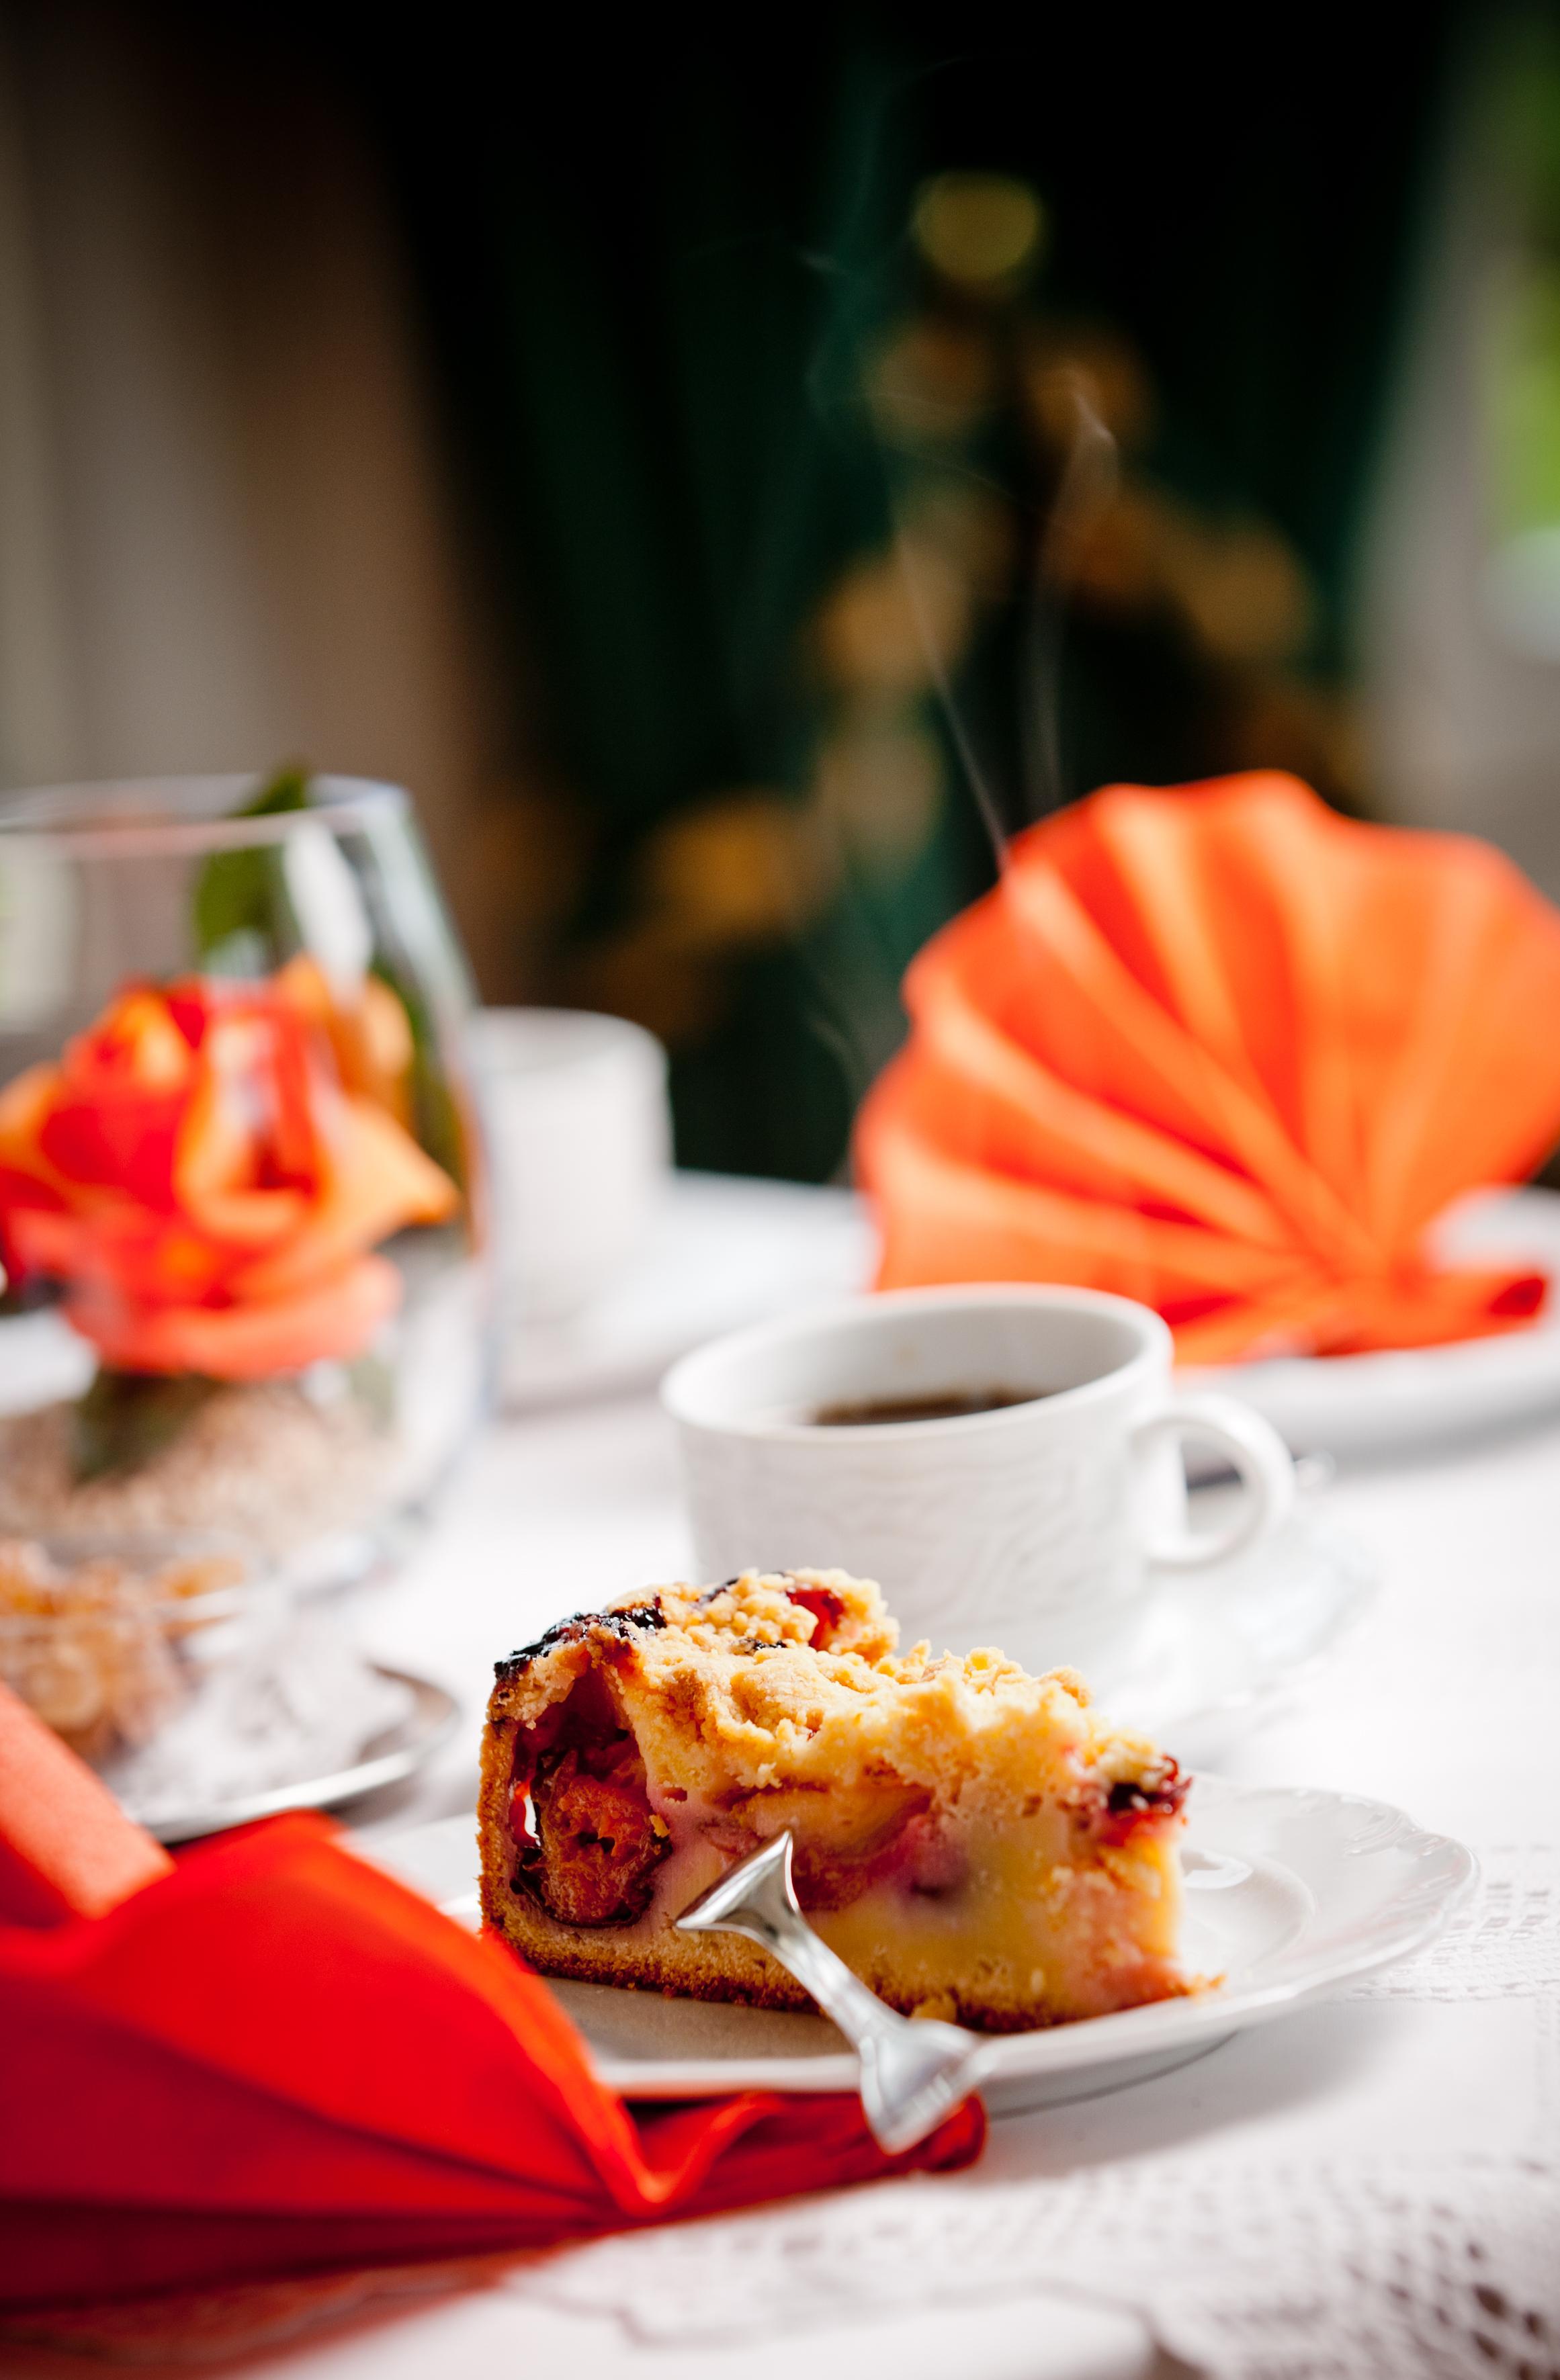 Ein Stück Kuchen und eine Tasse Kaffee.